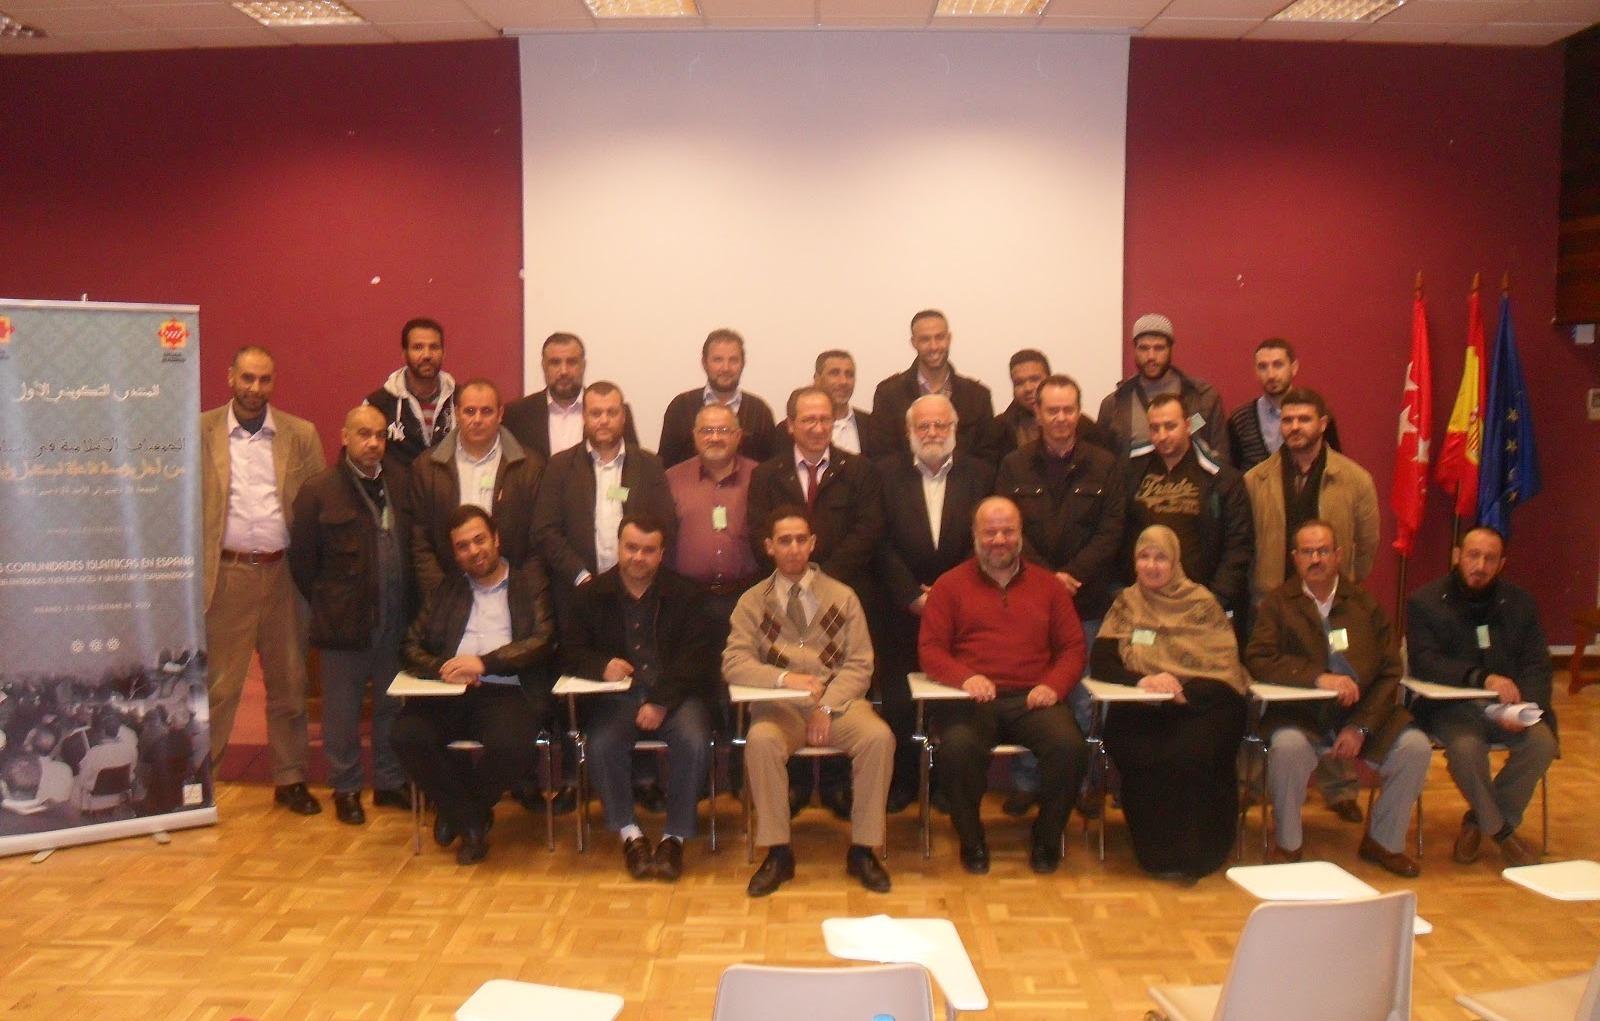 إتحاد الجمعيات الإسلامية ينظم المنتدى التكويني الأول للجمعيات